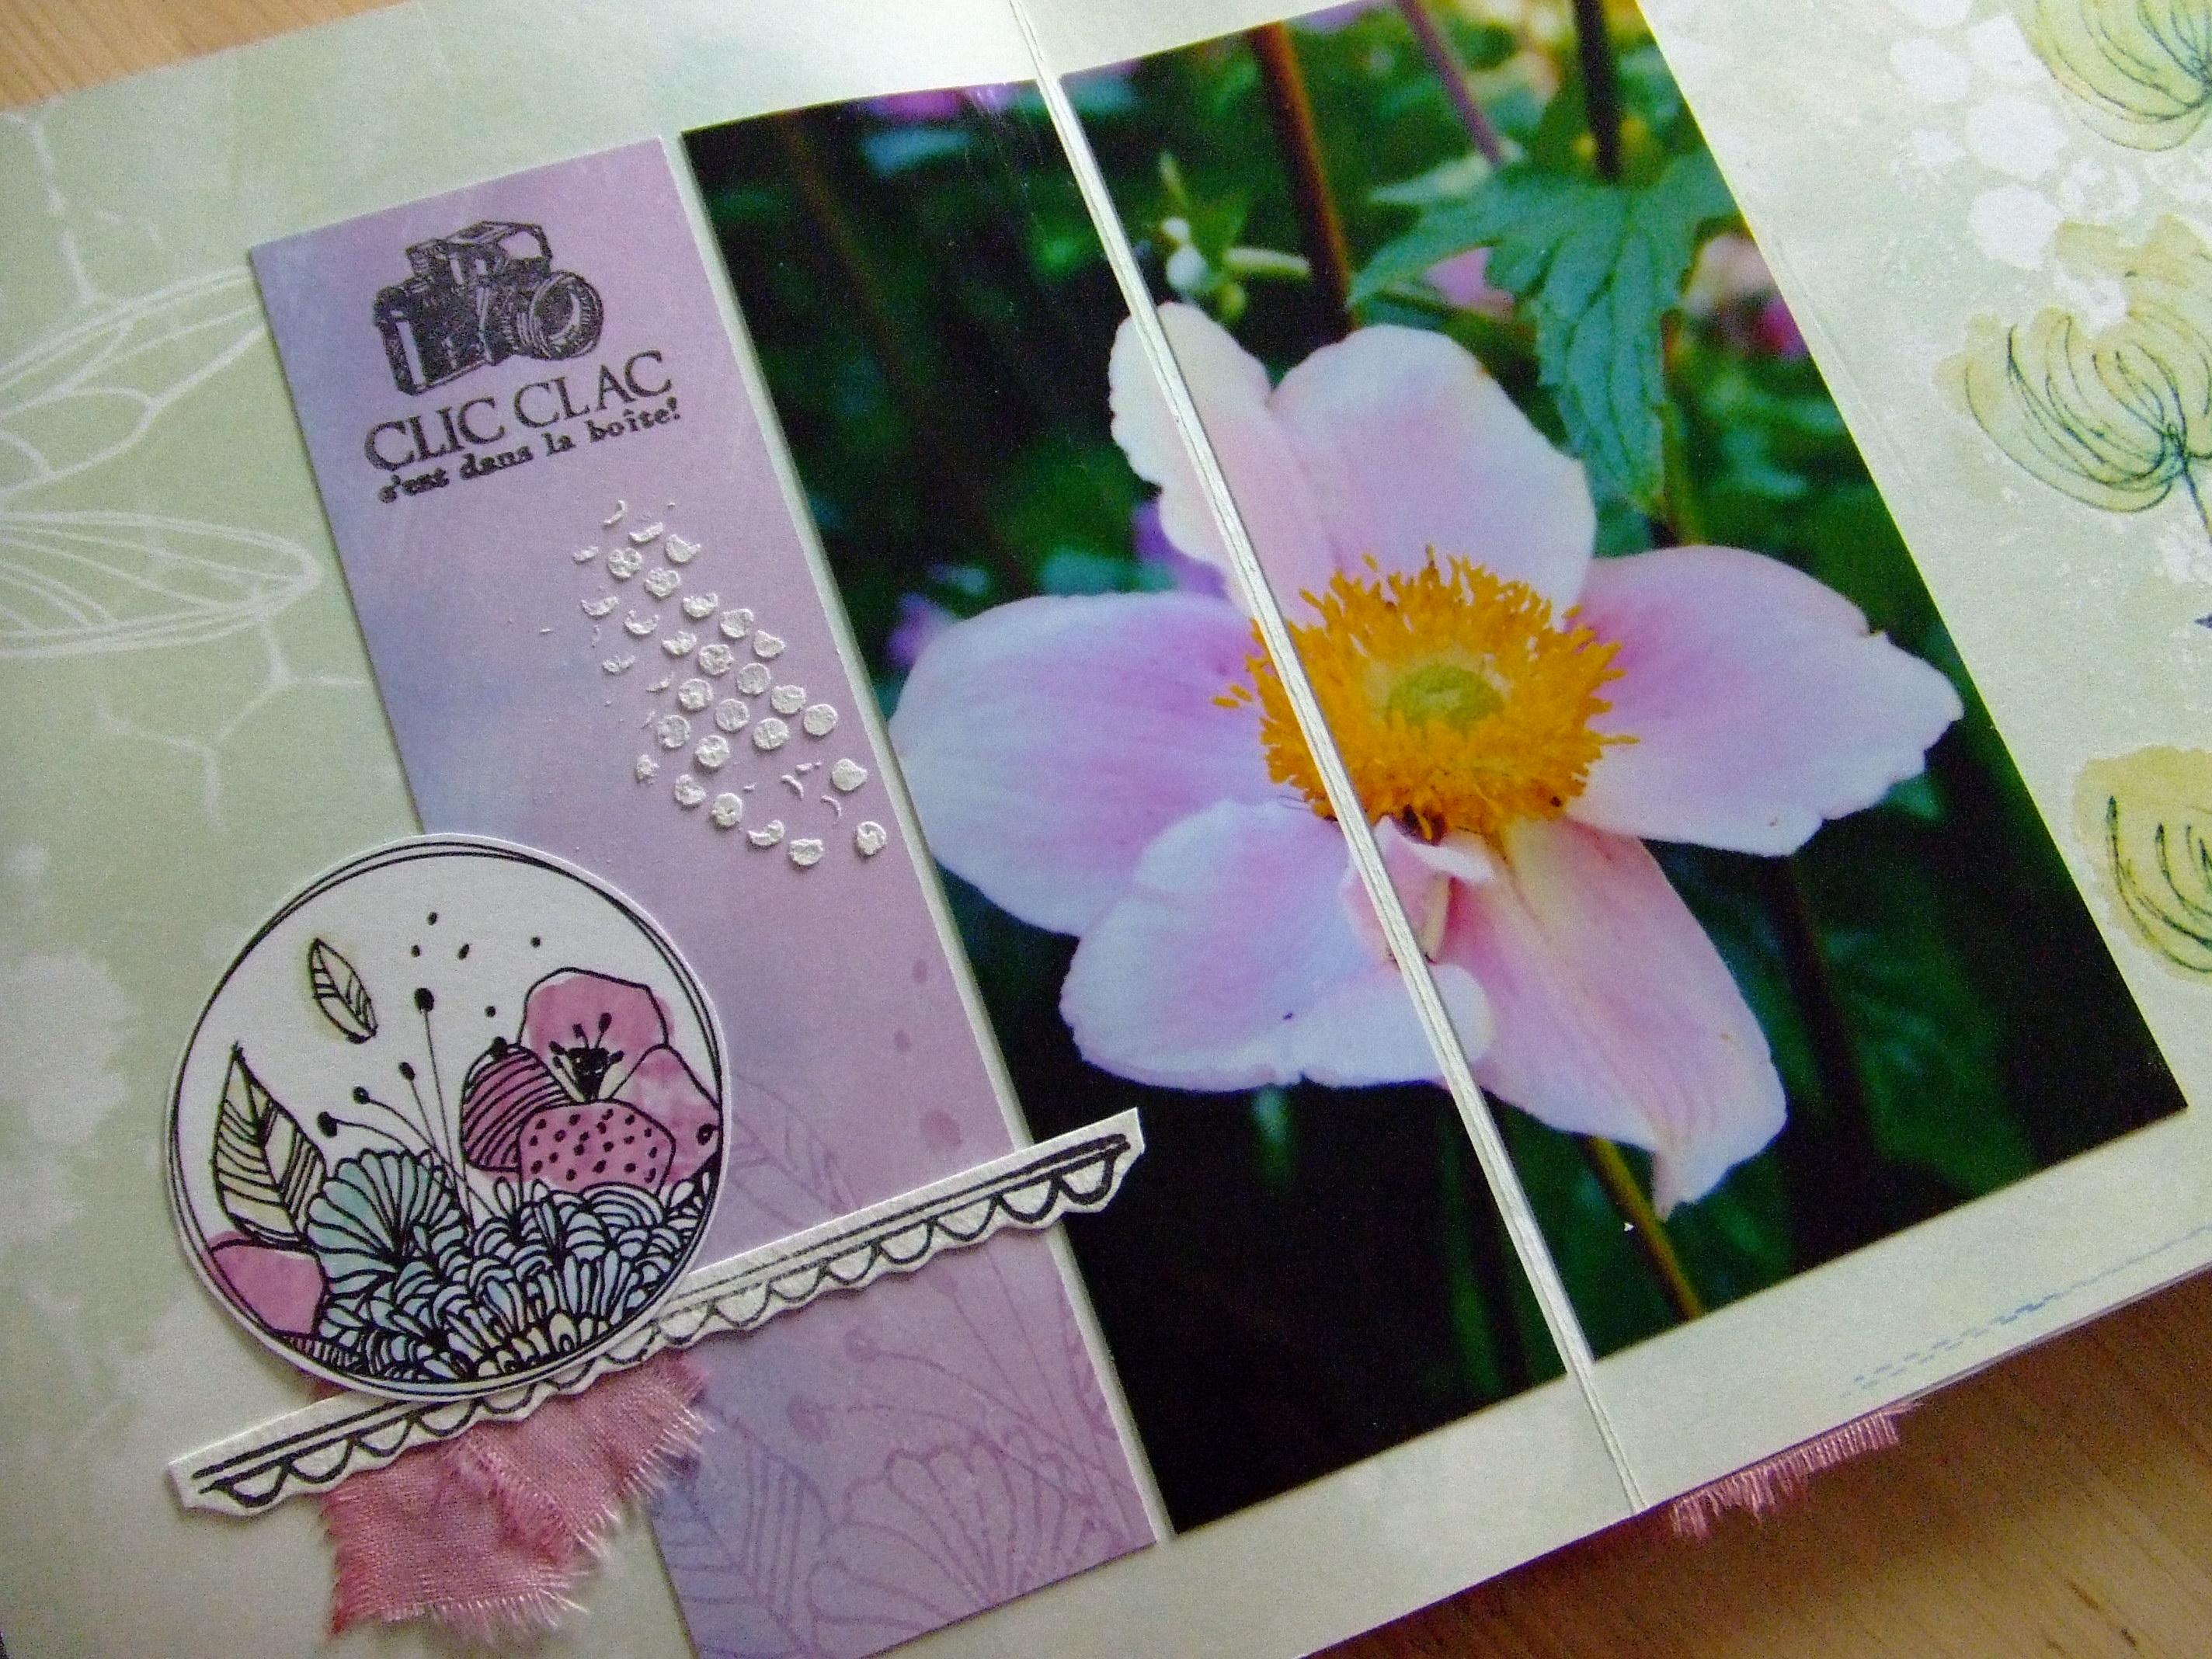 Vente en kit Ô Merveille mini-album scrap scrapbooking kits couleurs-en-folie tuto tutoriel scrap-plaisir encres tampons nature aquarelle isabelle-lafolie